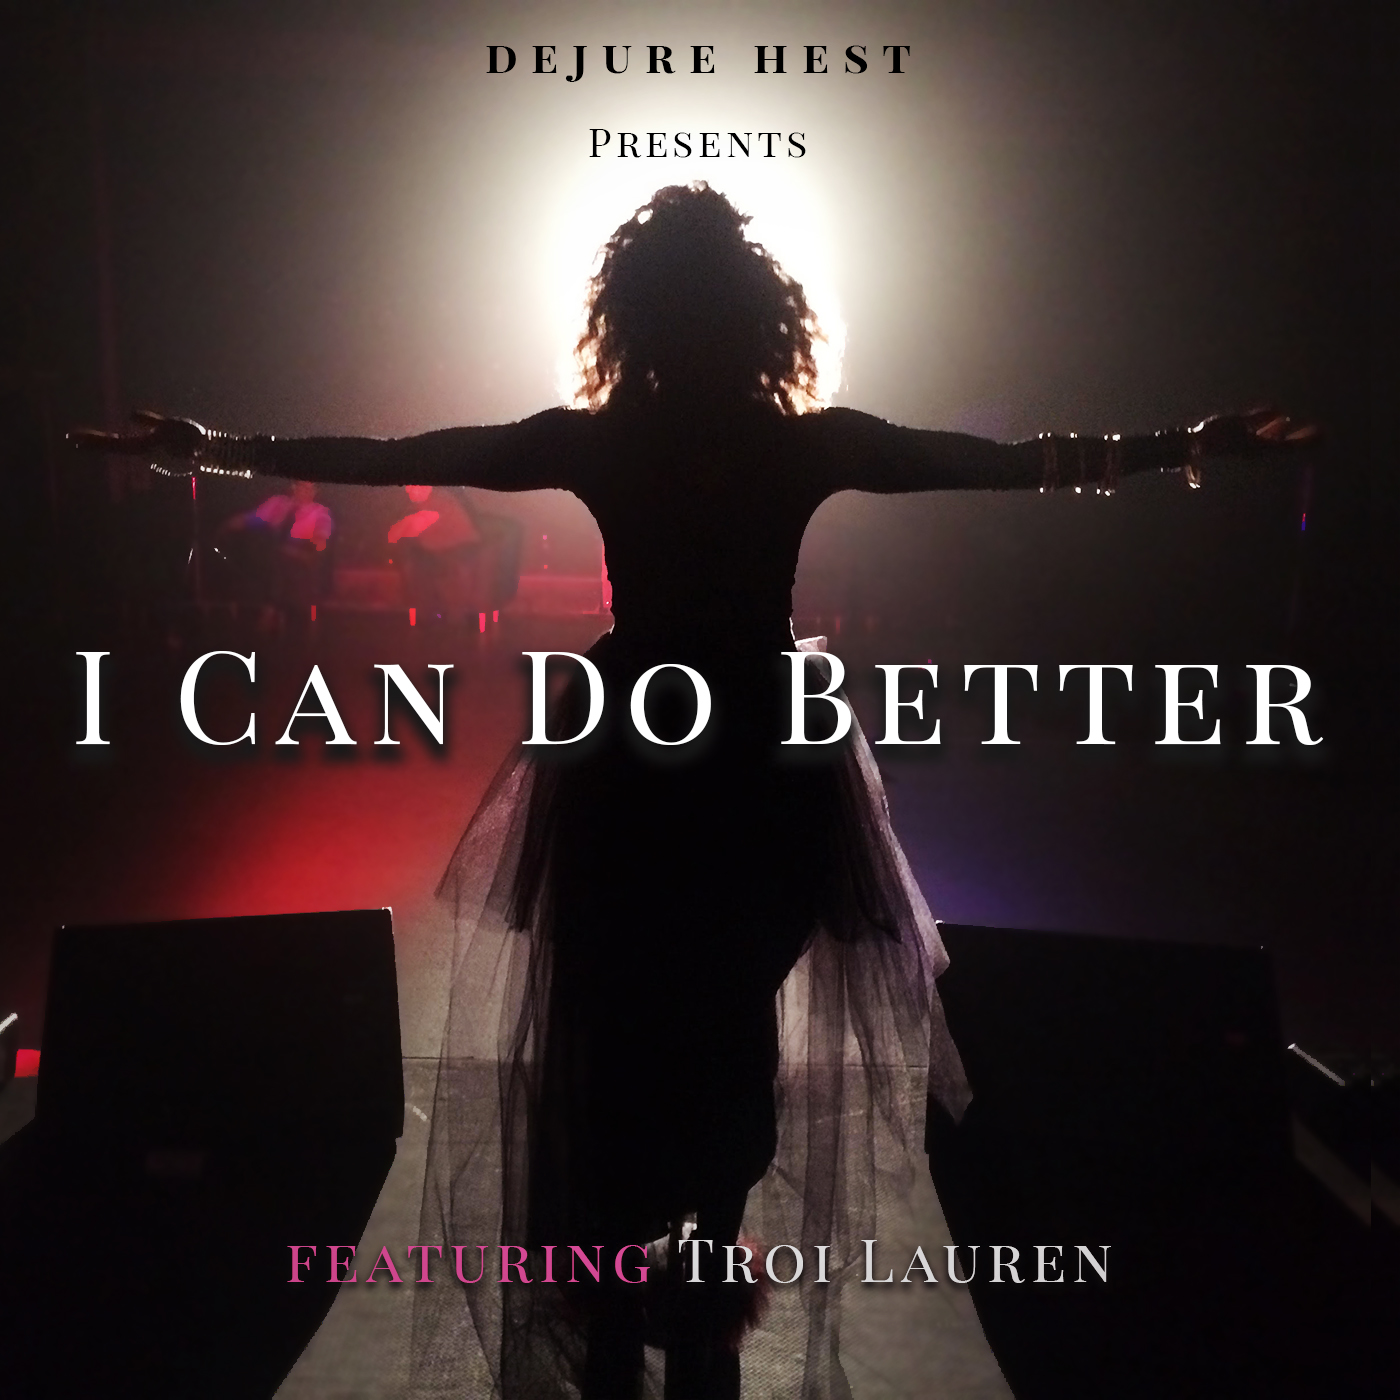 """Dejure Hest """"I Can Do Better"""" (ft. Troi Lauren)"""